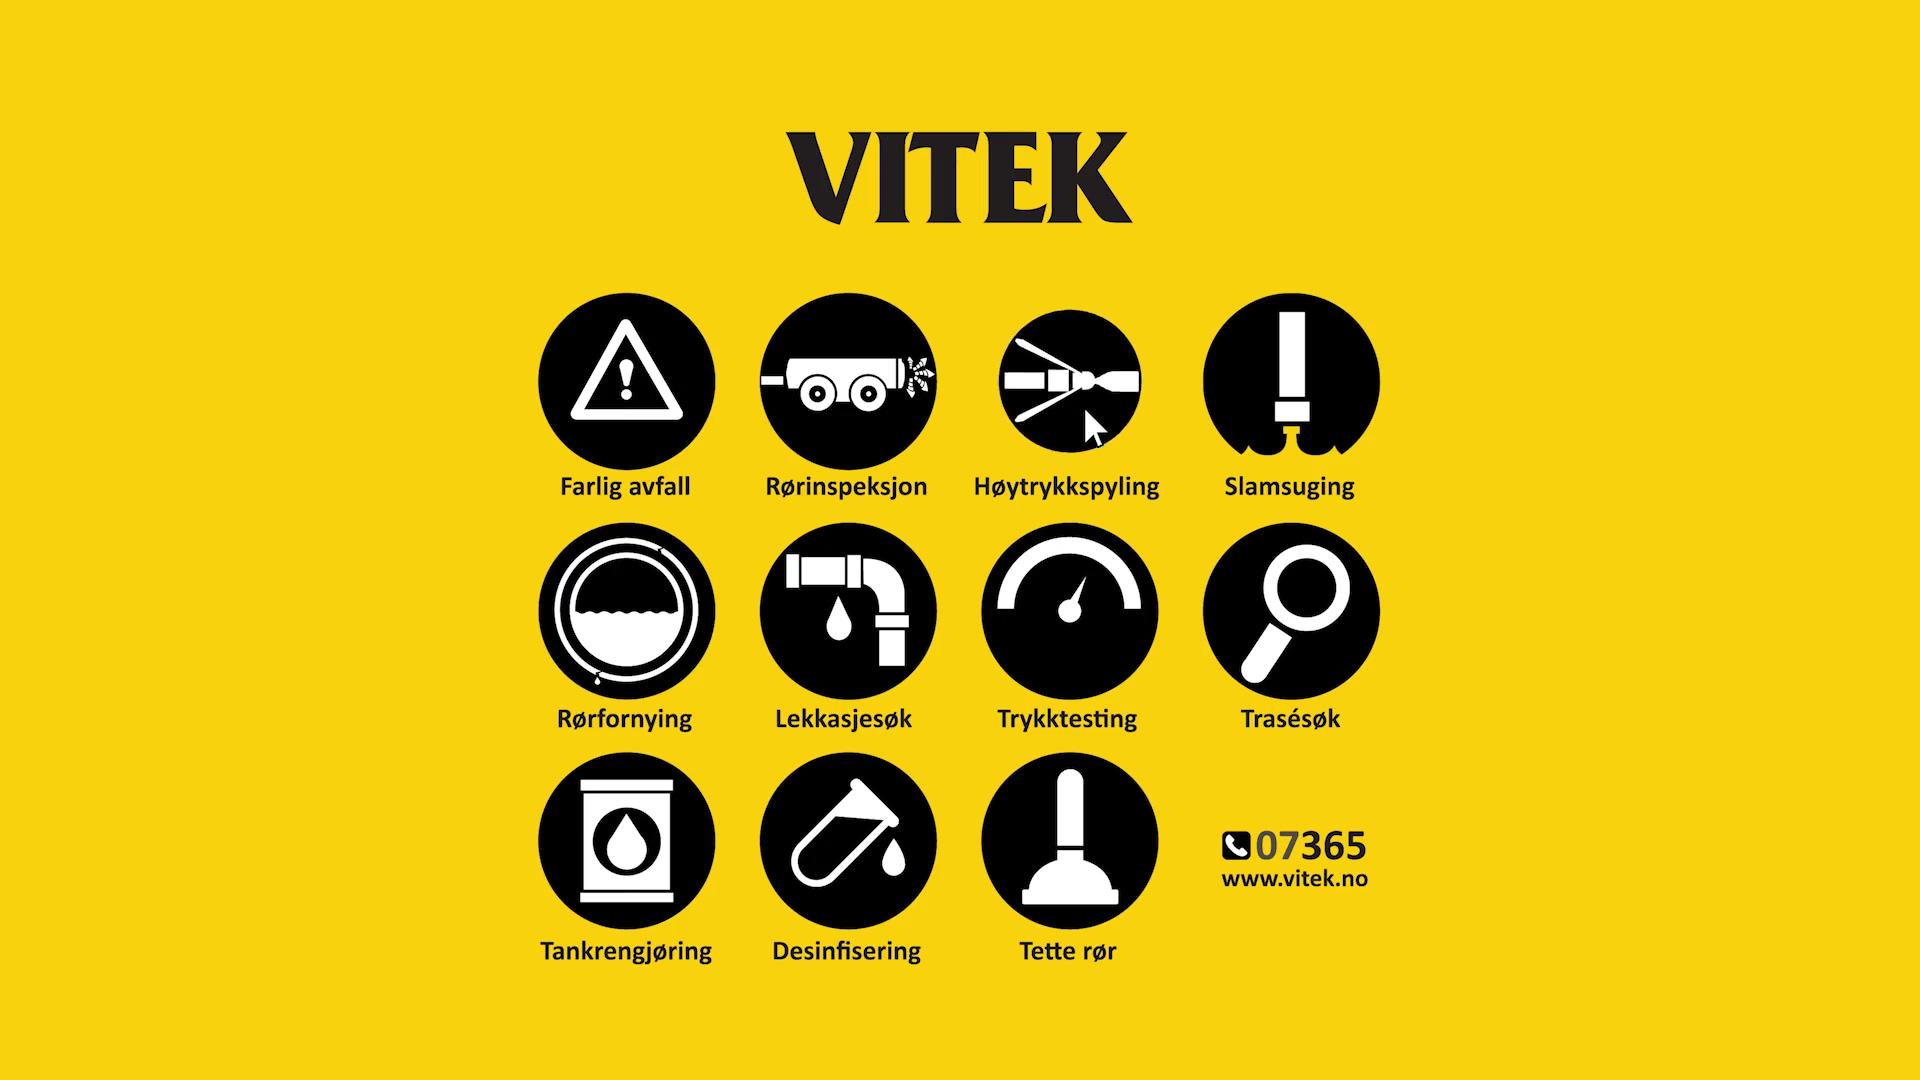 Vitek_Spylefilm_lang_tekstet